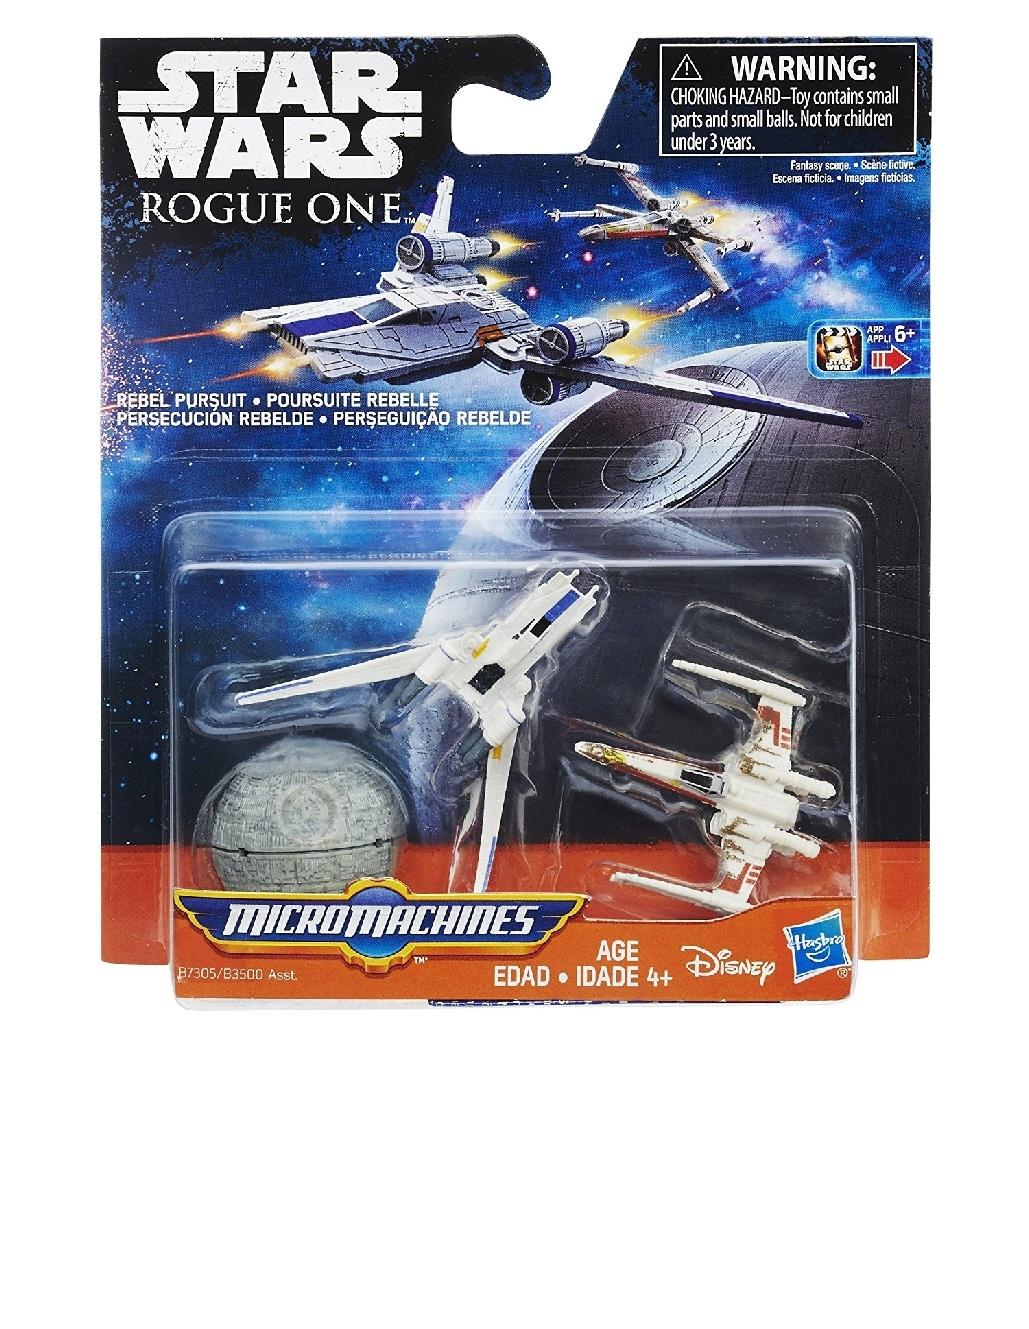 Hasbro Star Wars Micro Machines Phantom Starship Rebeldes